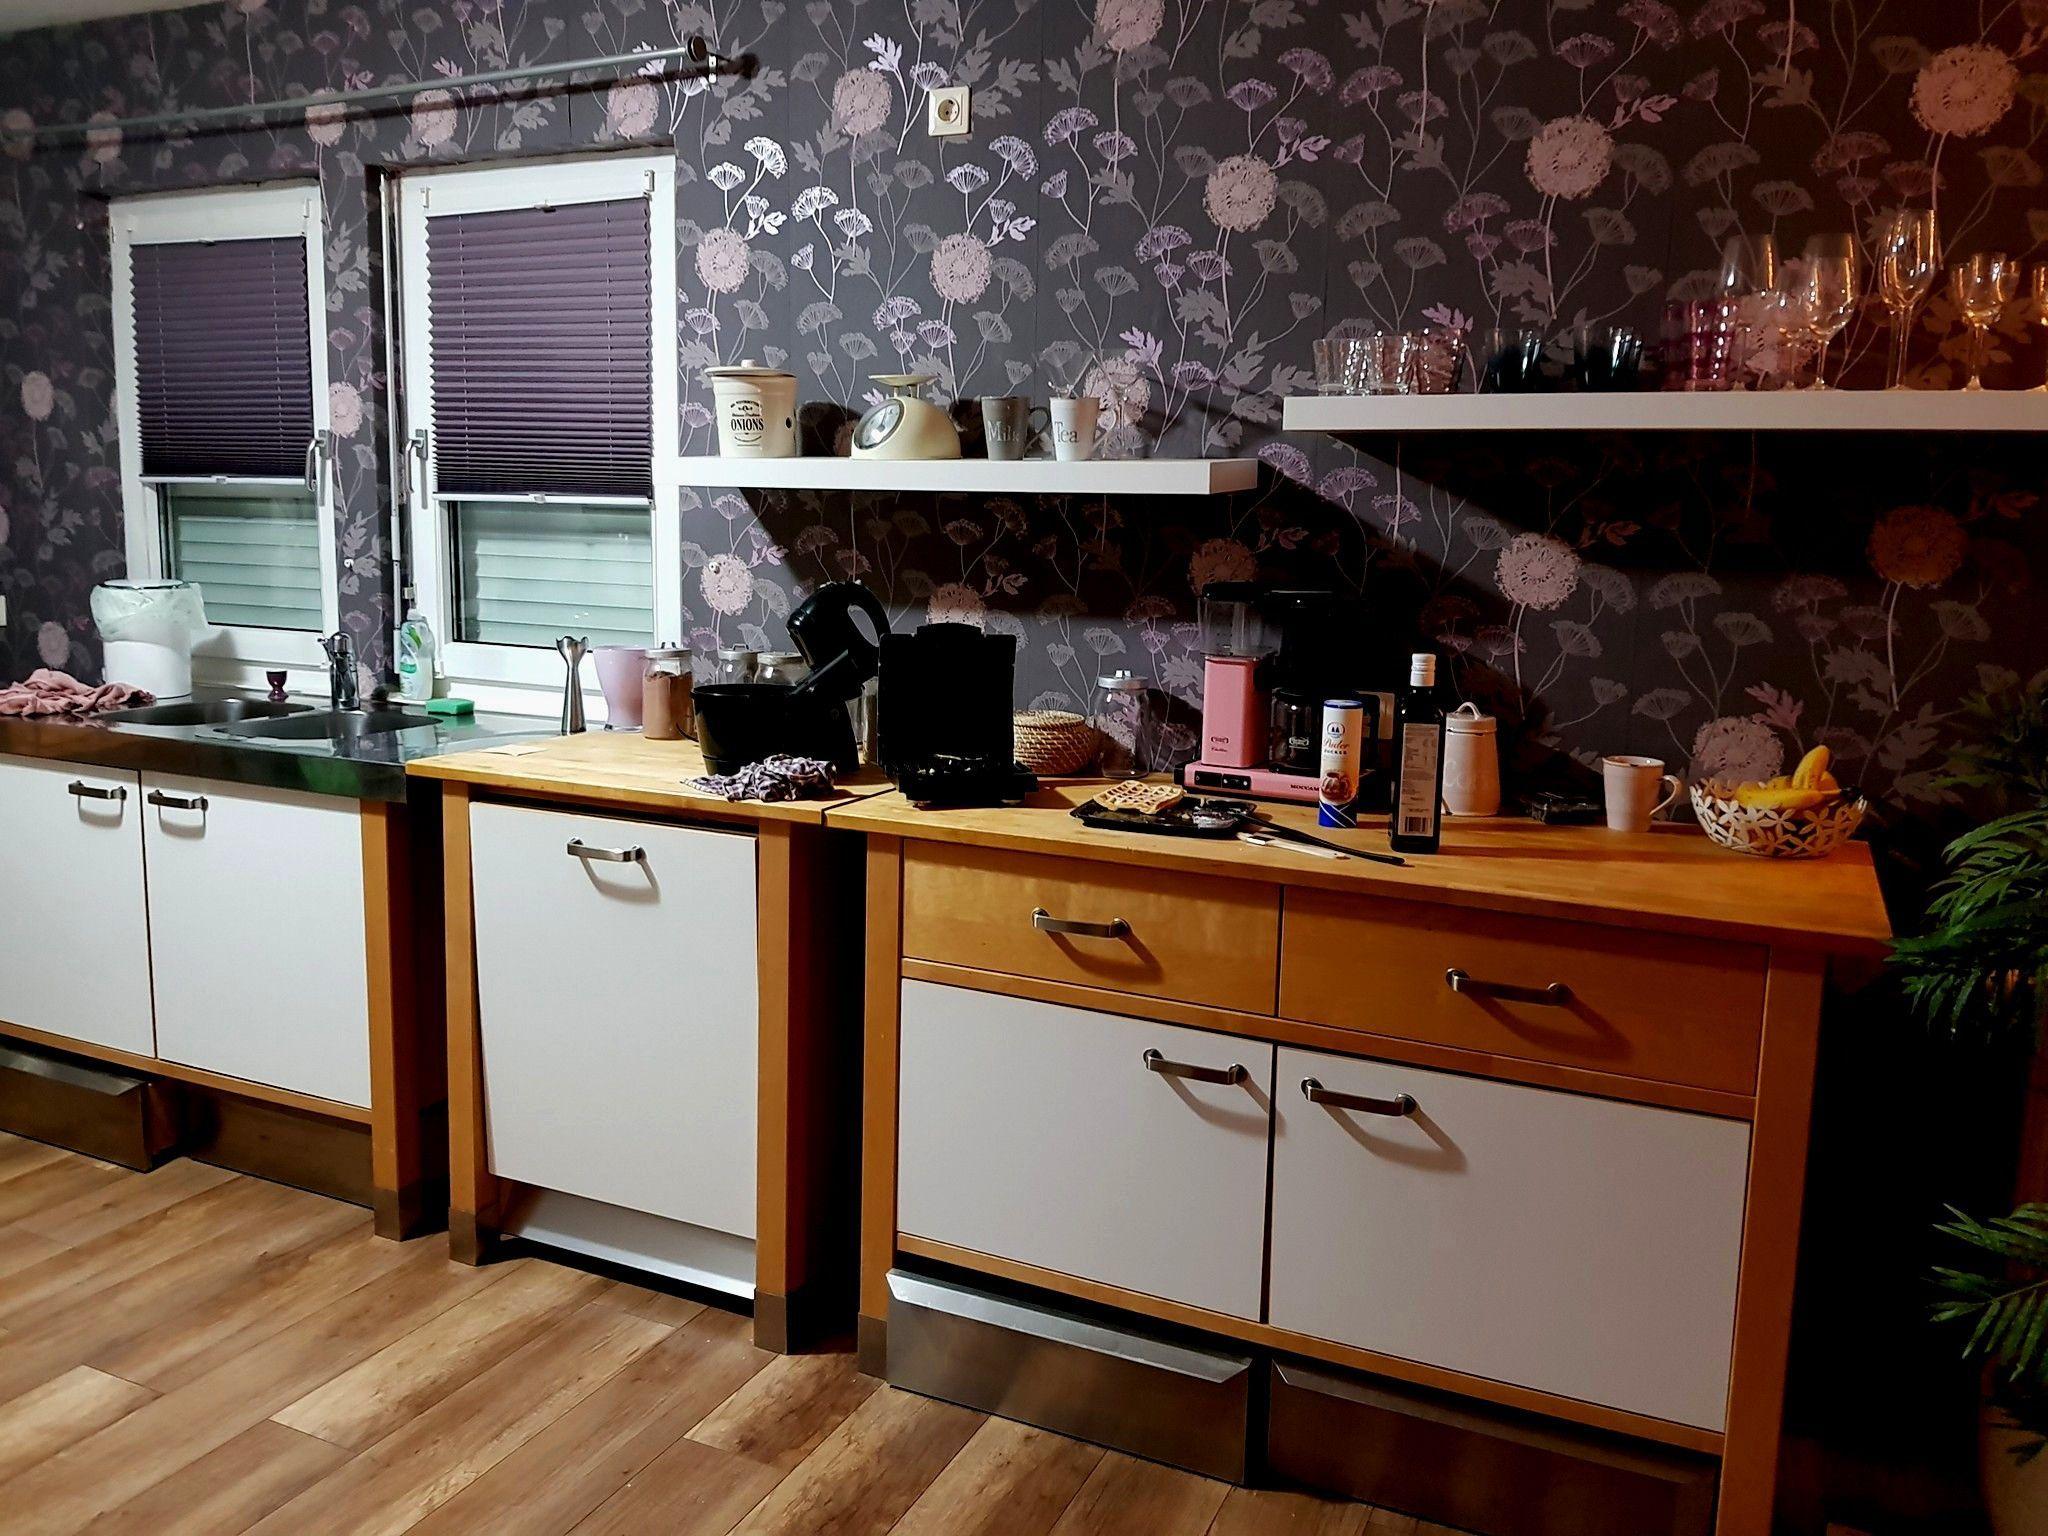 Full Size of Sitemap Ikea Kche Modulküche Küche Kosten Kaufen Sofa Mit Schlaffunktion Betten 160x200 Holz Miniküche Bei Wohnzimmer Modulküche Ikea Värde